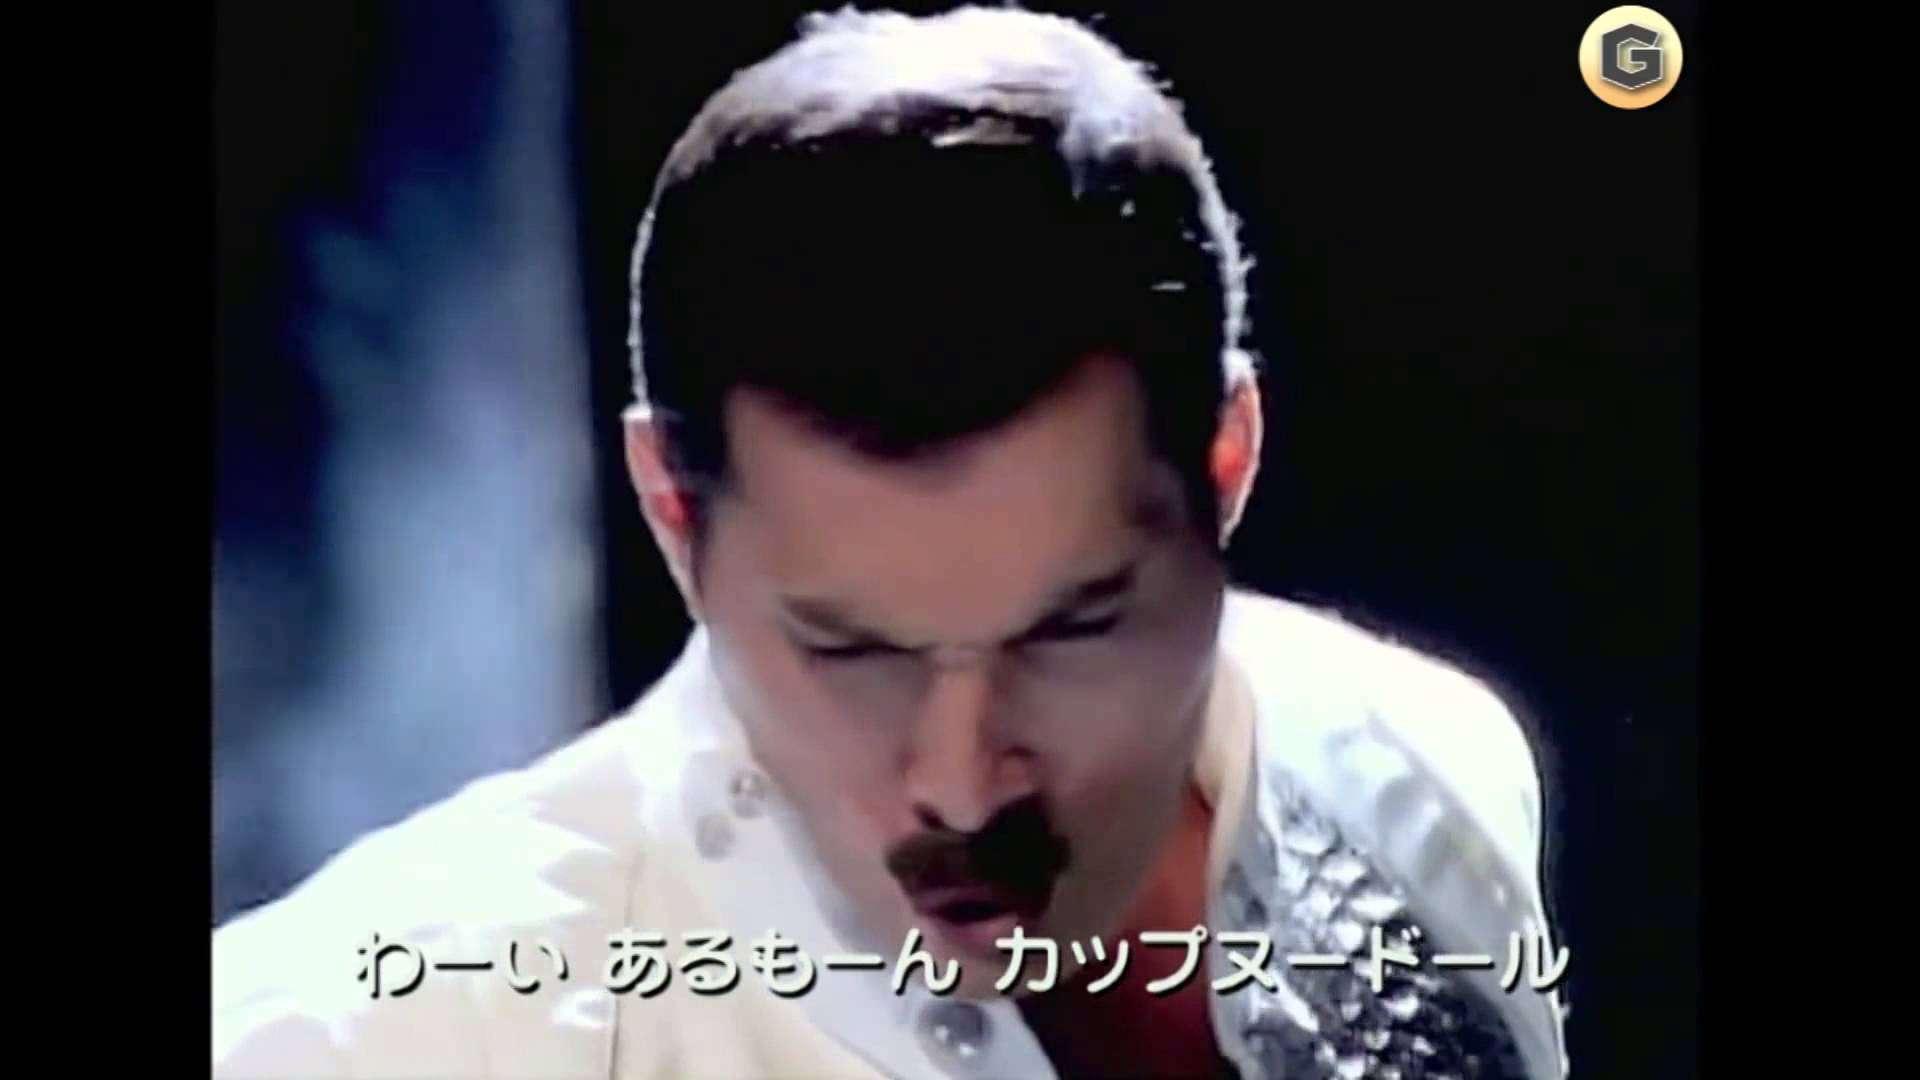 日清 カップヌードル CM 「フレディマーキュリー(クイーン)」篇 - YouTube